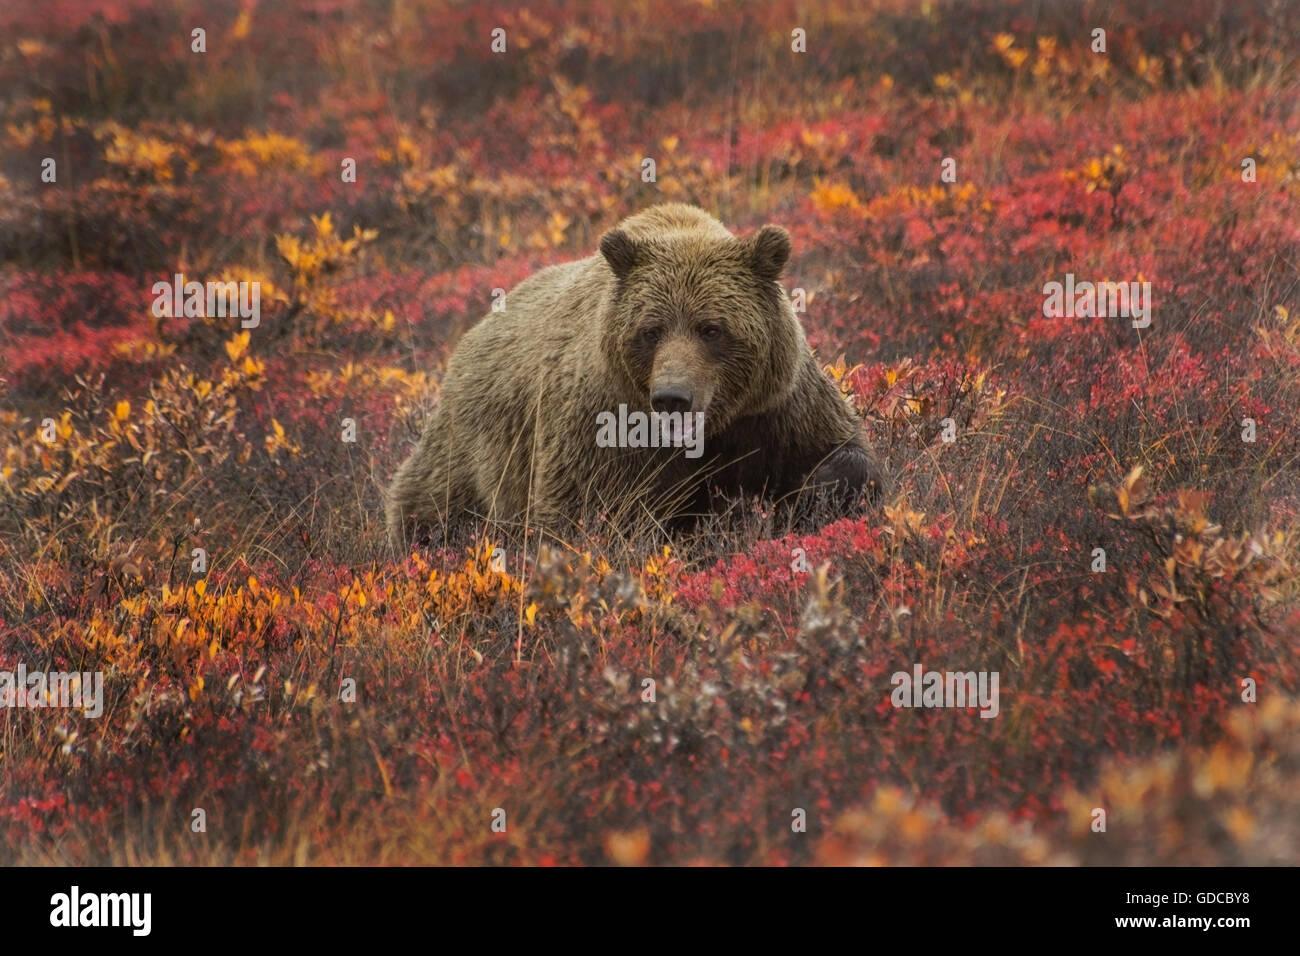 Grizzly (Ursus arctos) bear, Denali Nat'l Park, Alaska - Stock Image